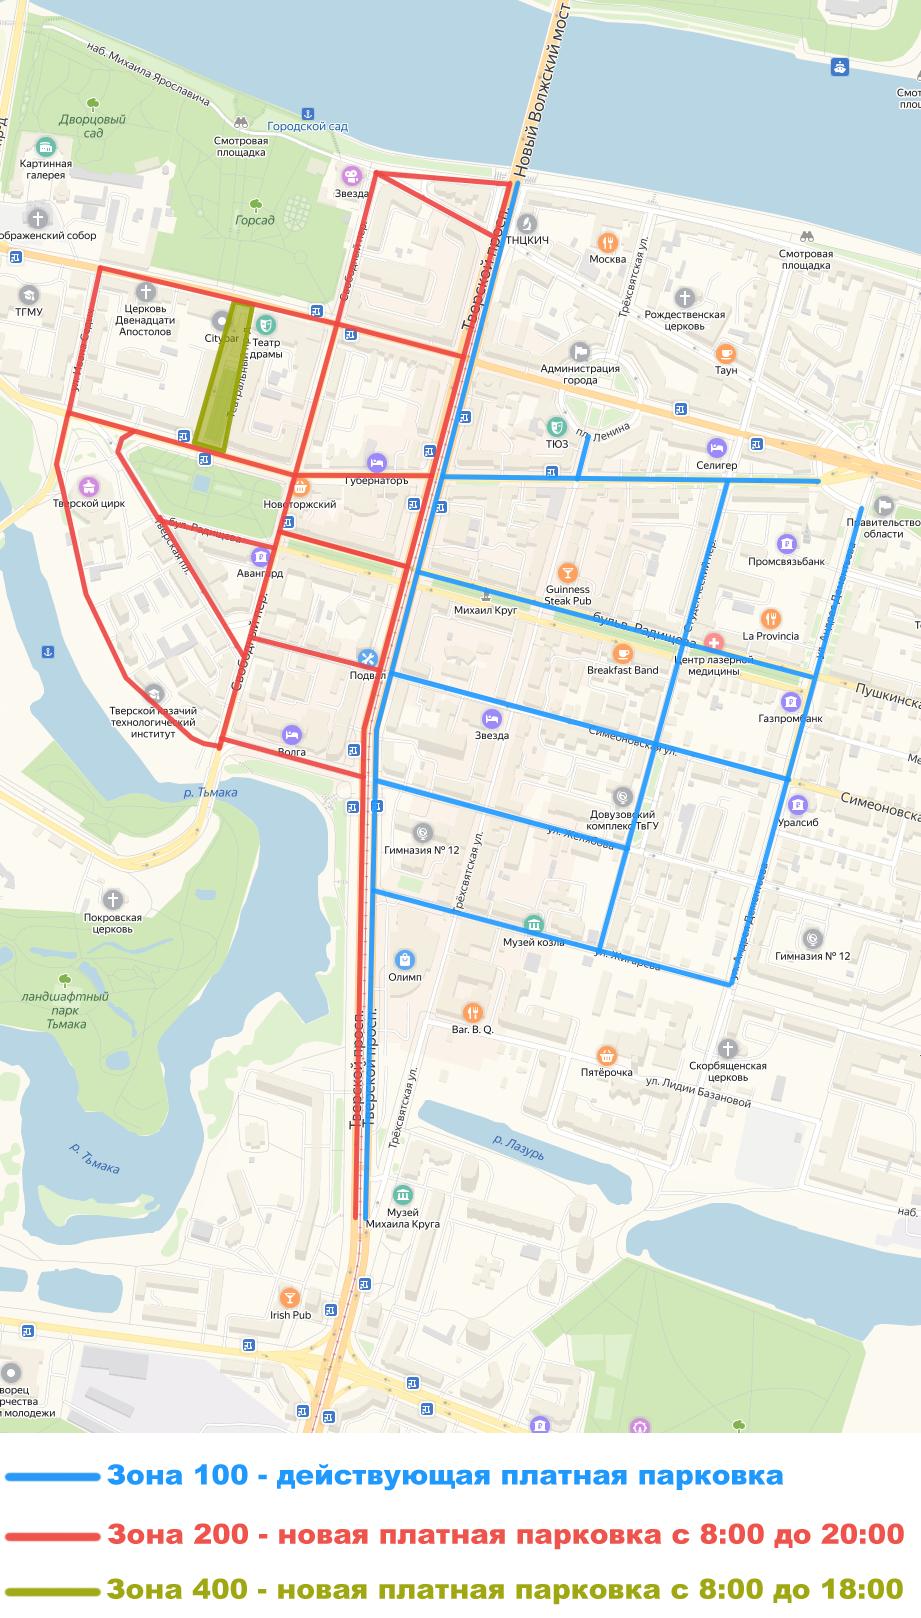 Стоимость и зоны платной парковки в Твери с 3 февраля 2020 года